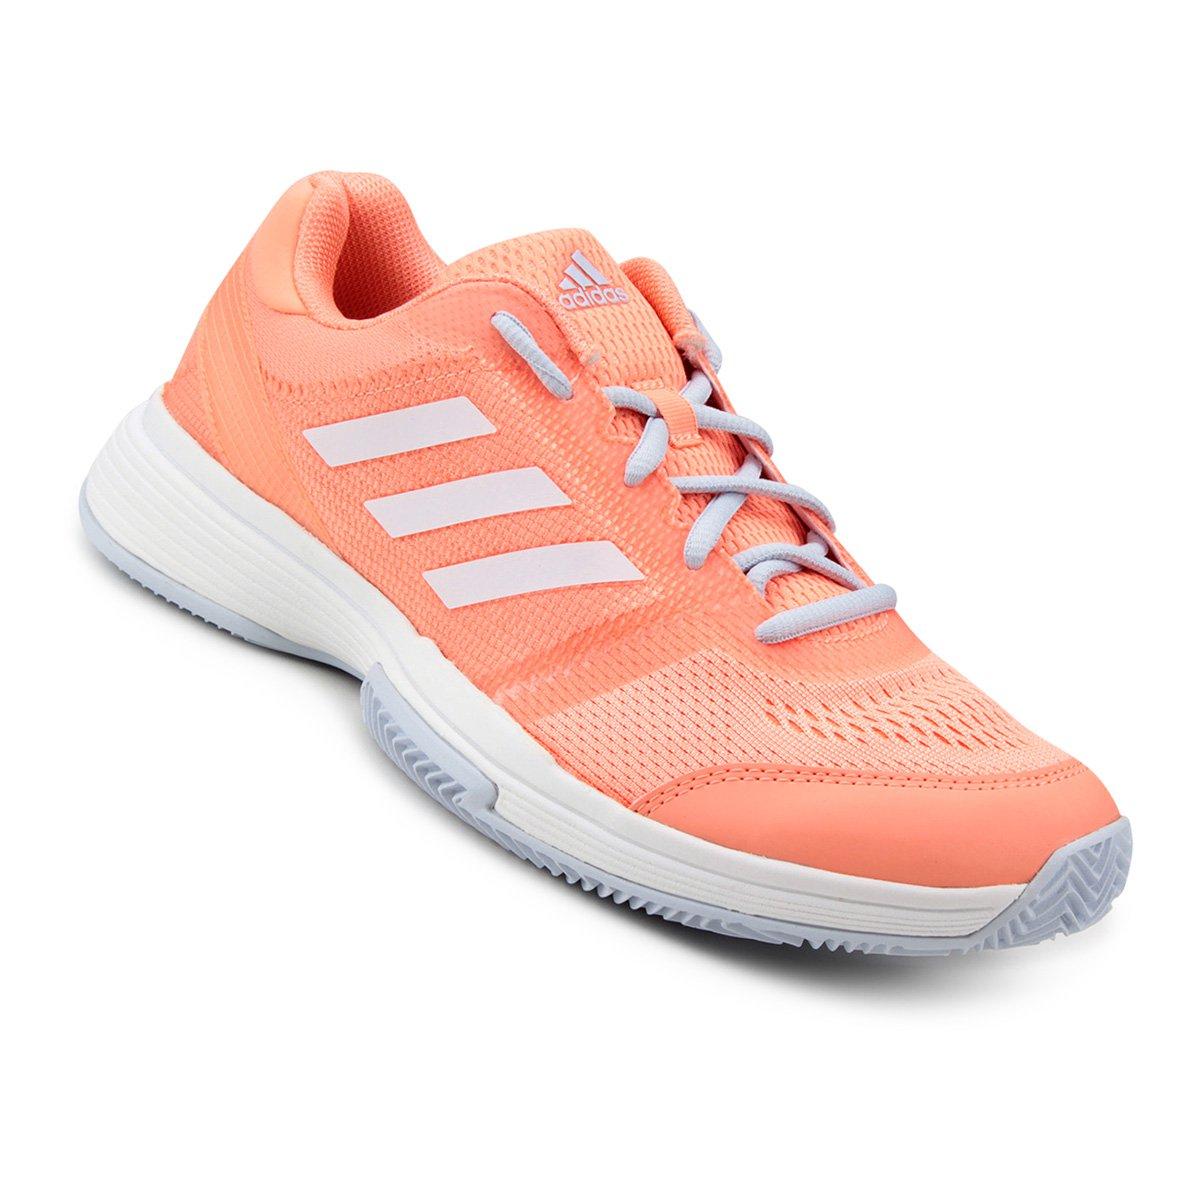 21bee77e62f Tênis Adidas Barricade Club Feminino - Compre Agora